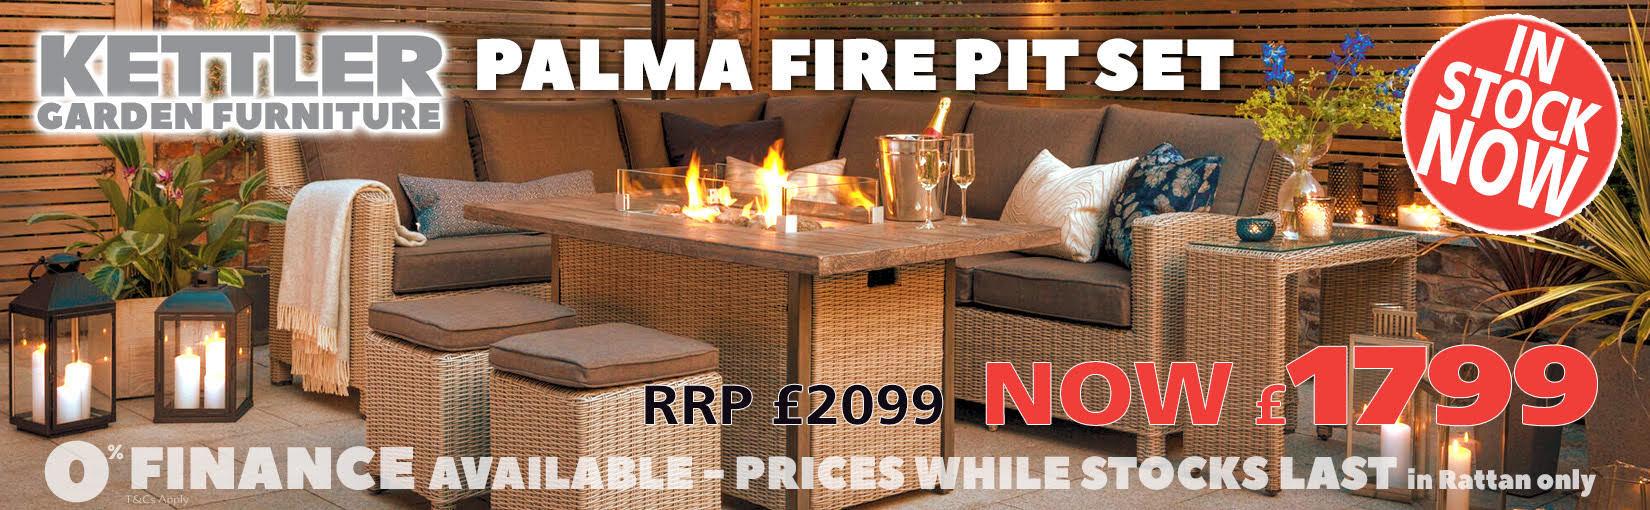 Kettler Fire Pit